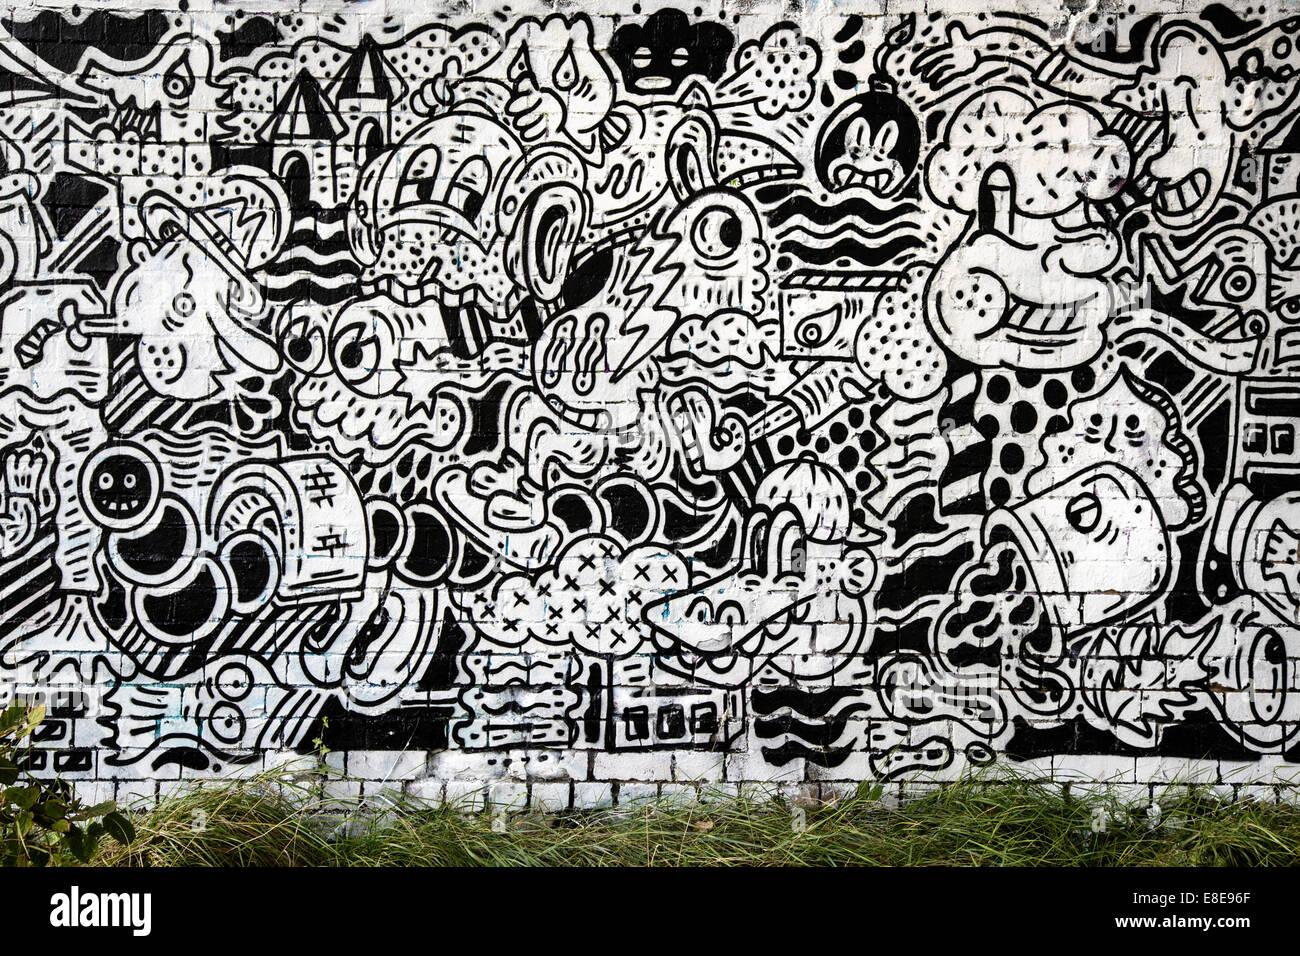 Riesige schwarze und weiße Comic-Buch Graffiti Wandmalerei unter einer Eisenbahnbrücke in Bristol Stockfoto